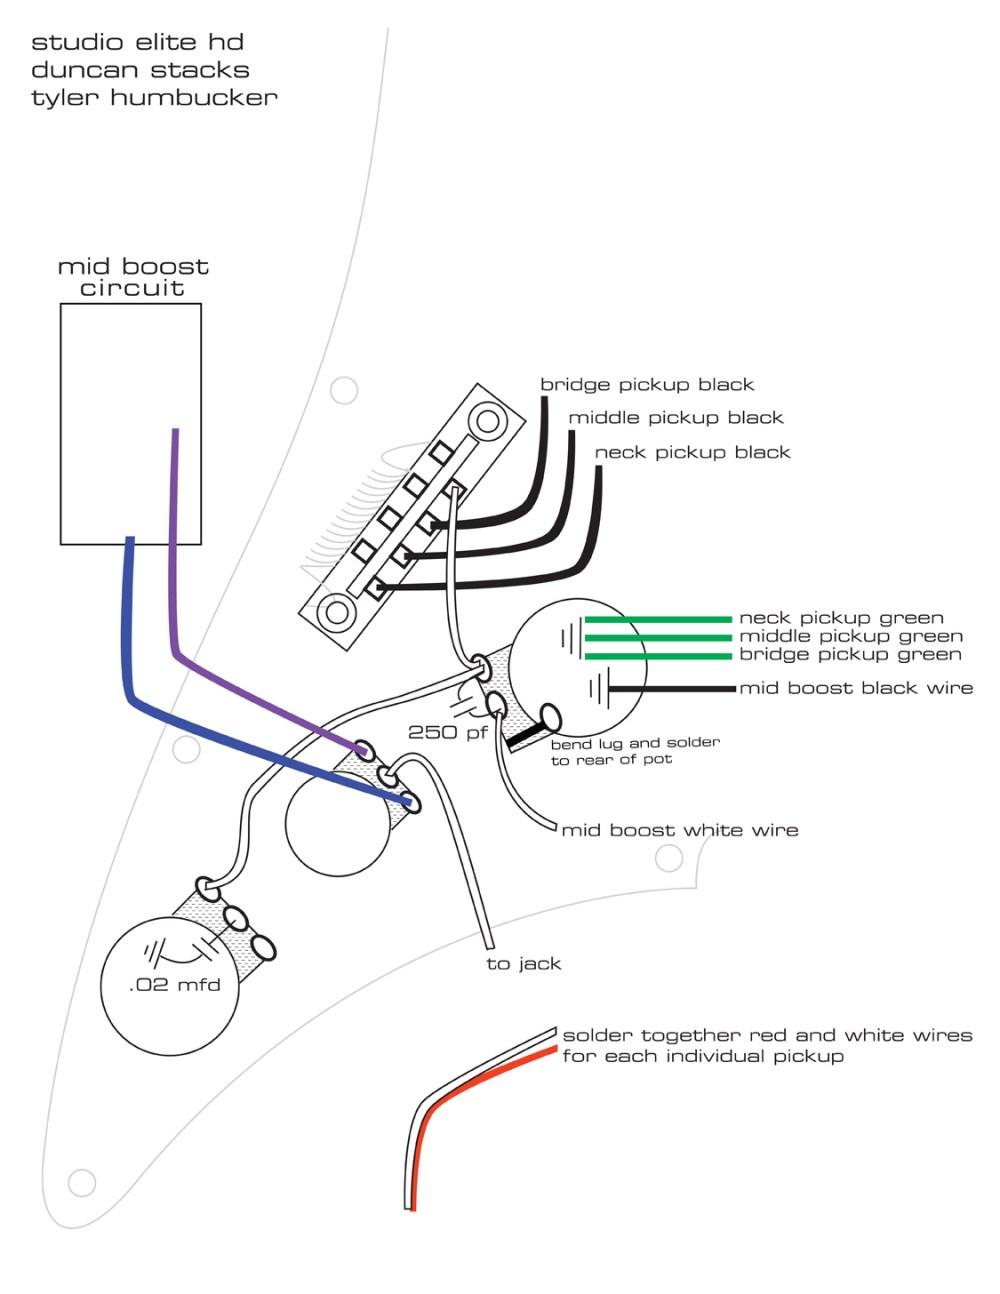 medium resolution of copy of duncan tyler ssh